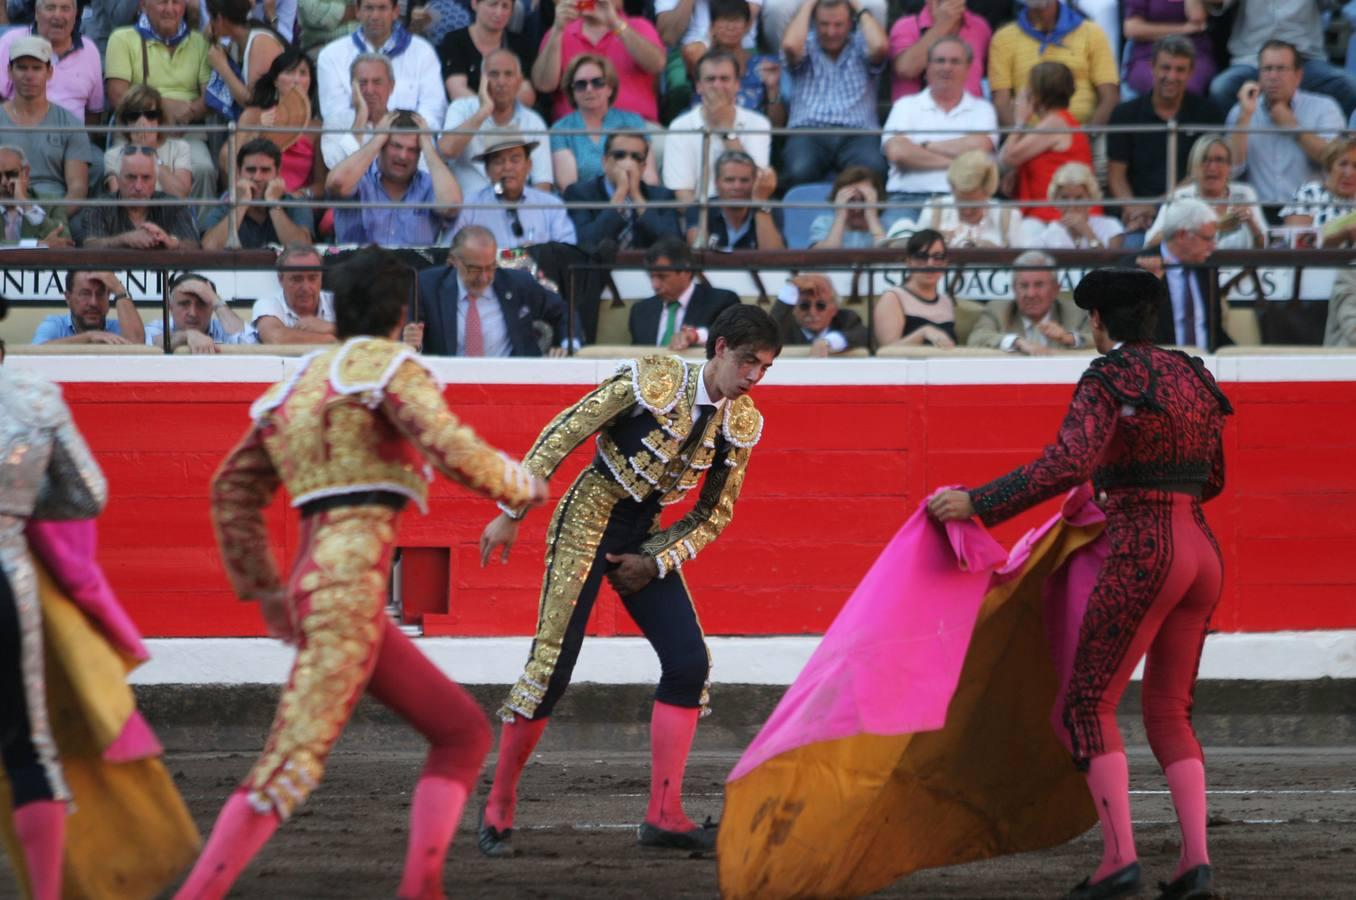 Tremenda cornada a Saúl Jiménez Fortes en Bilbao